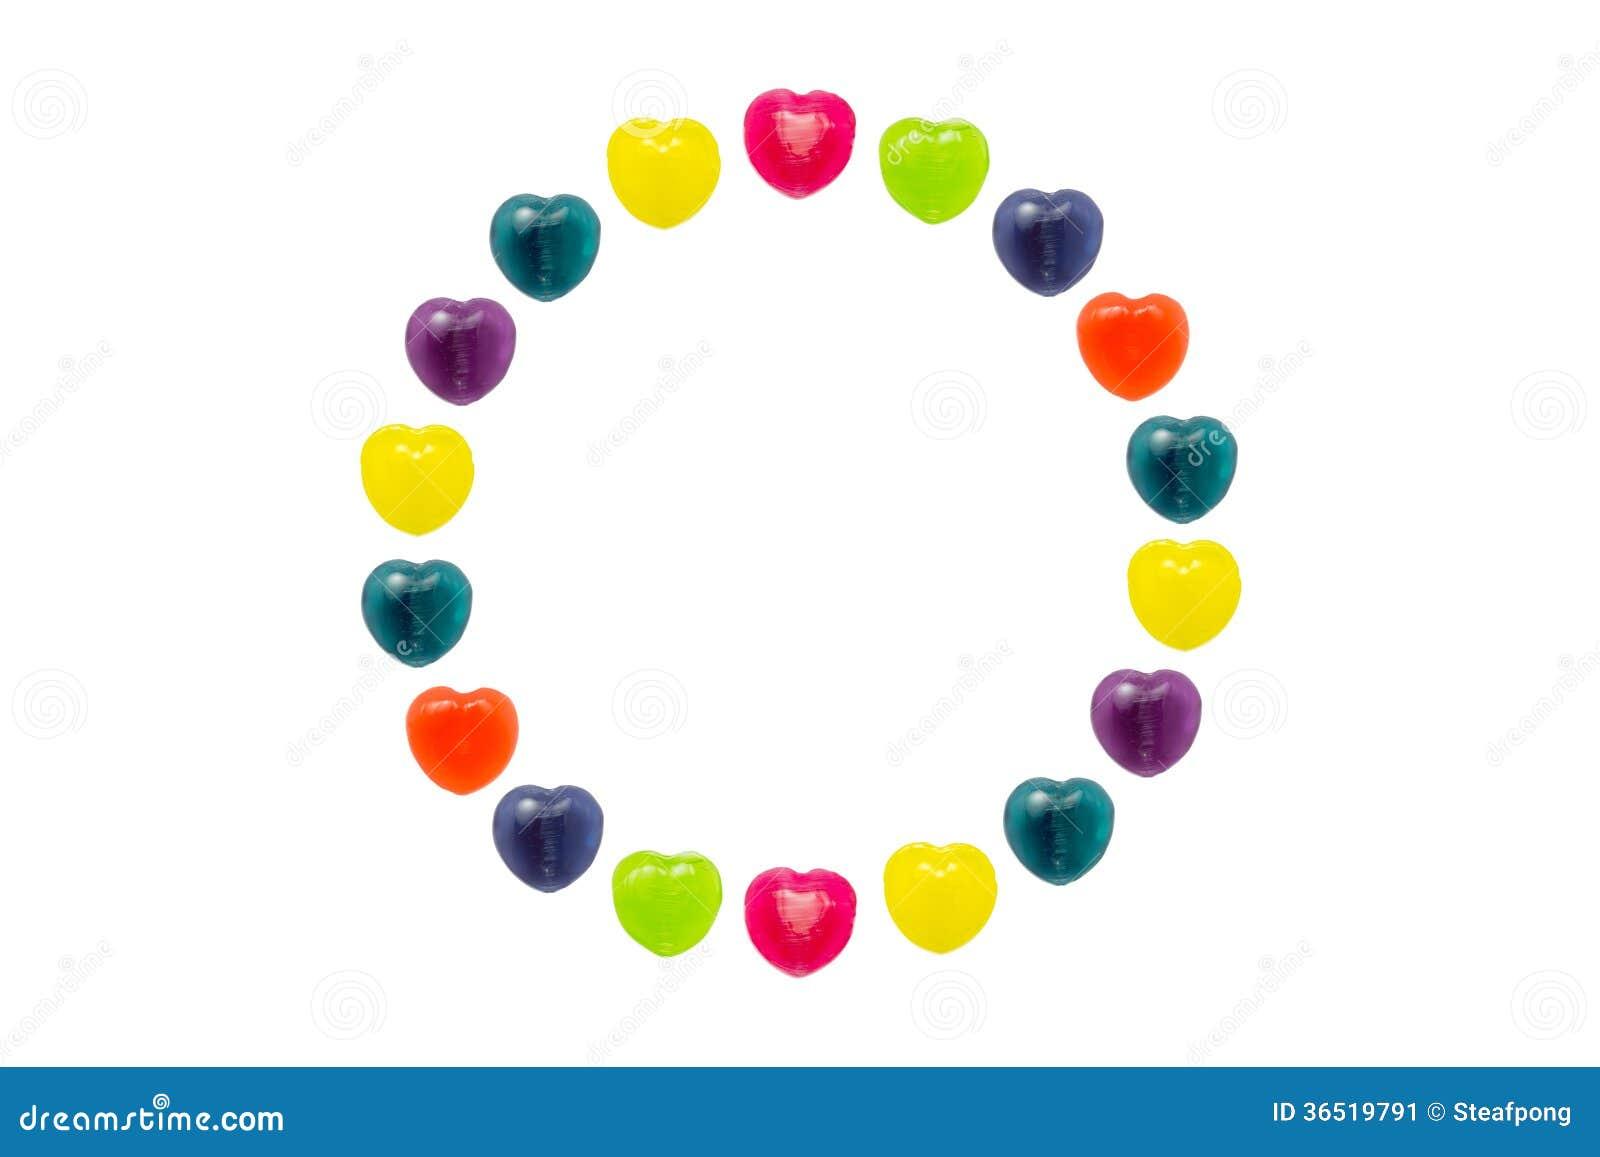 Herz-Süßigkeit eingestellt in Kreis-Form für Valentinsgruß